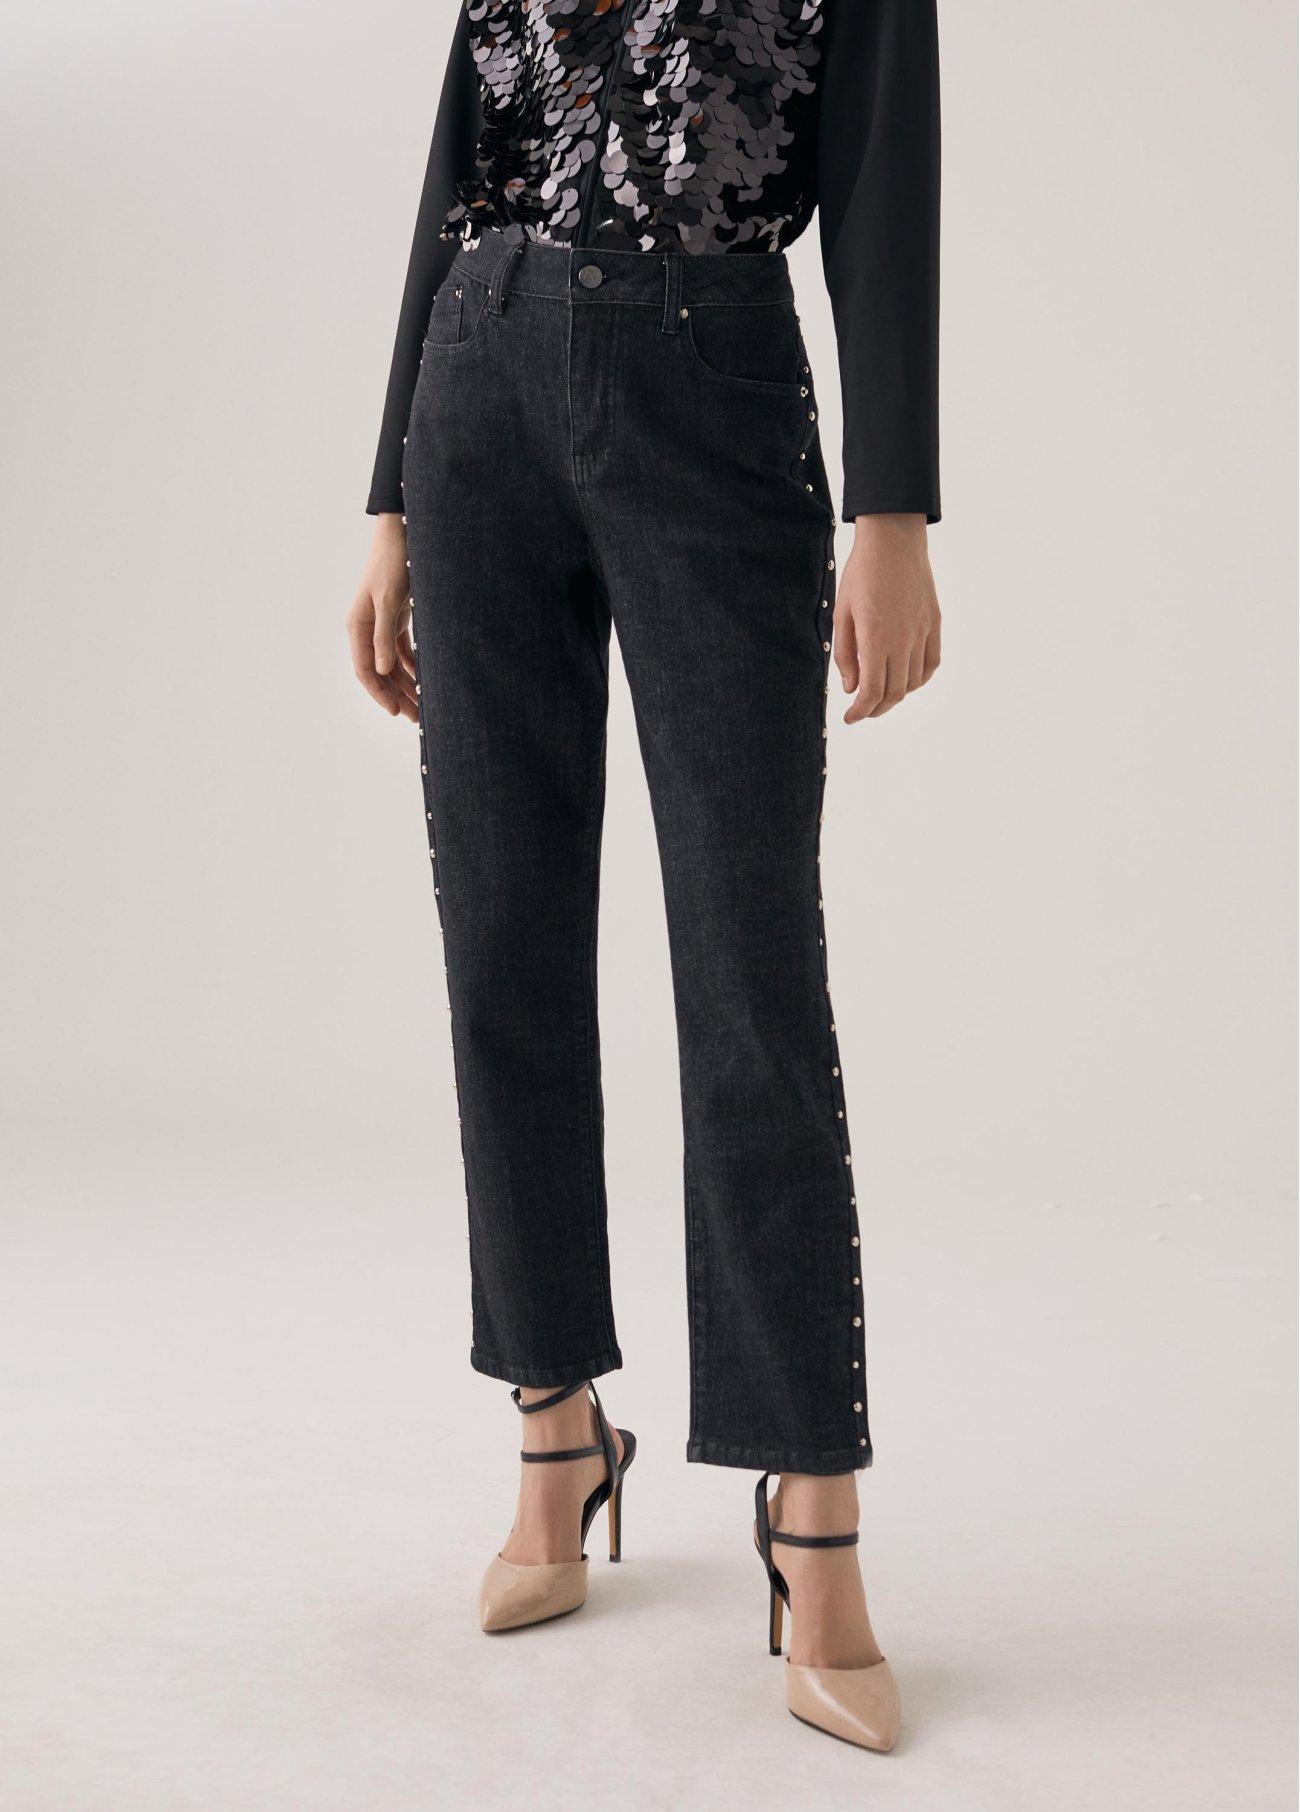 Jeans tachuelas metálicas, negro 2